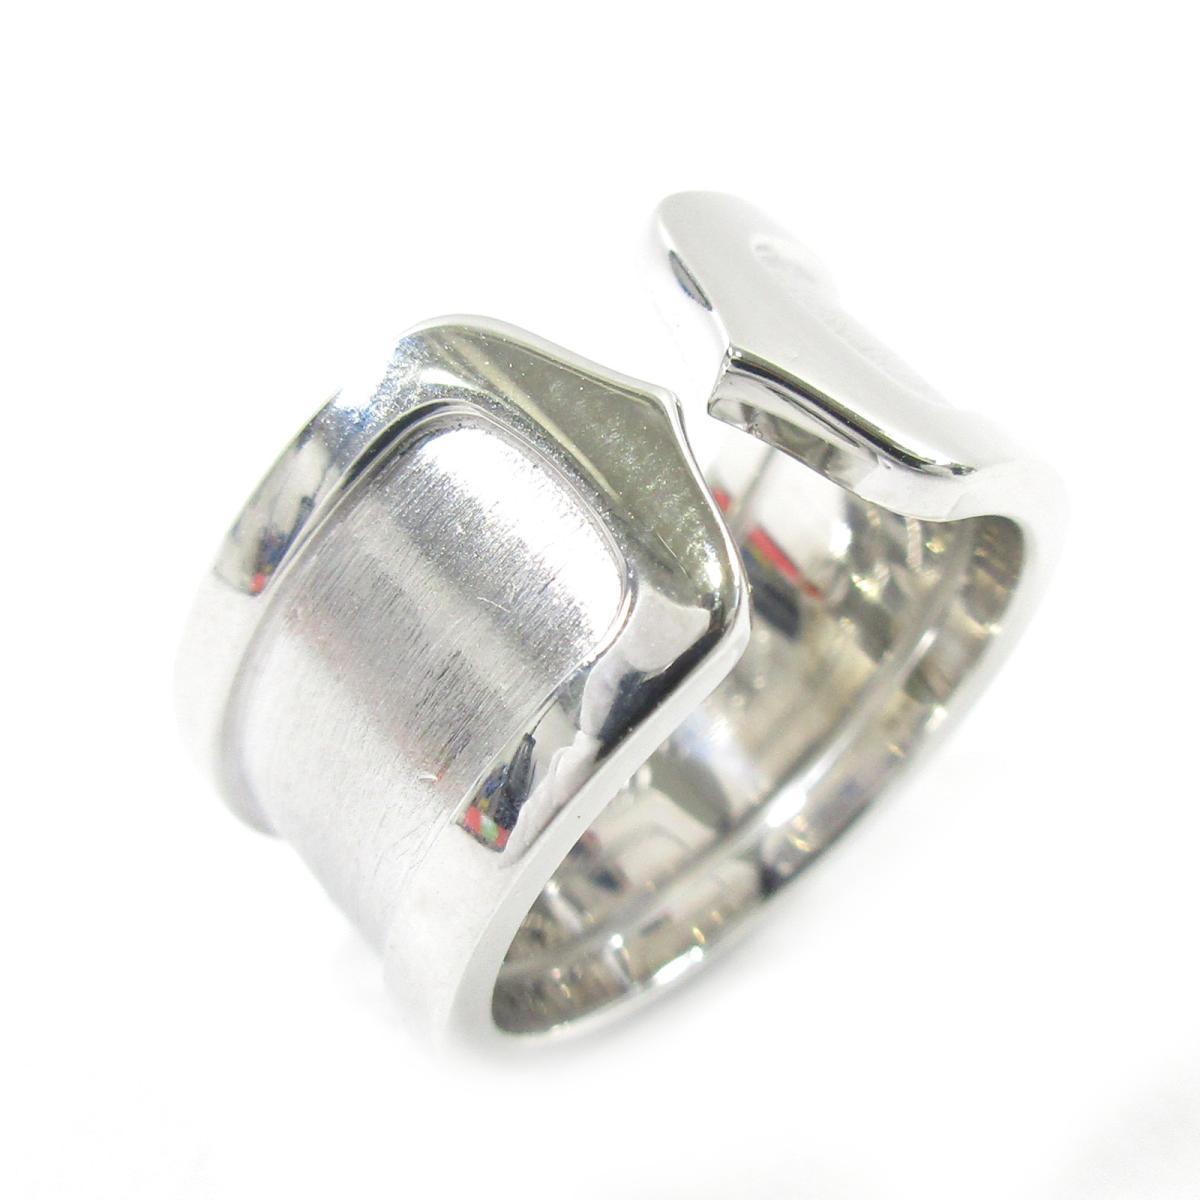 【中古】 カルティエ C2 リング LM 指輪 レディース K18WG (750) ホワイトゴールド シルバー   Cartier BRANDOFF ブランドオフ ブランド ジュエリー アクセサリー